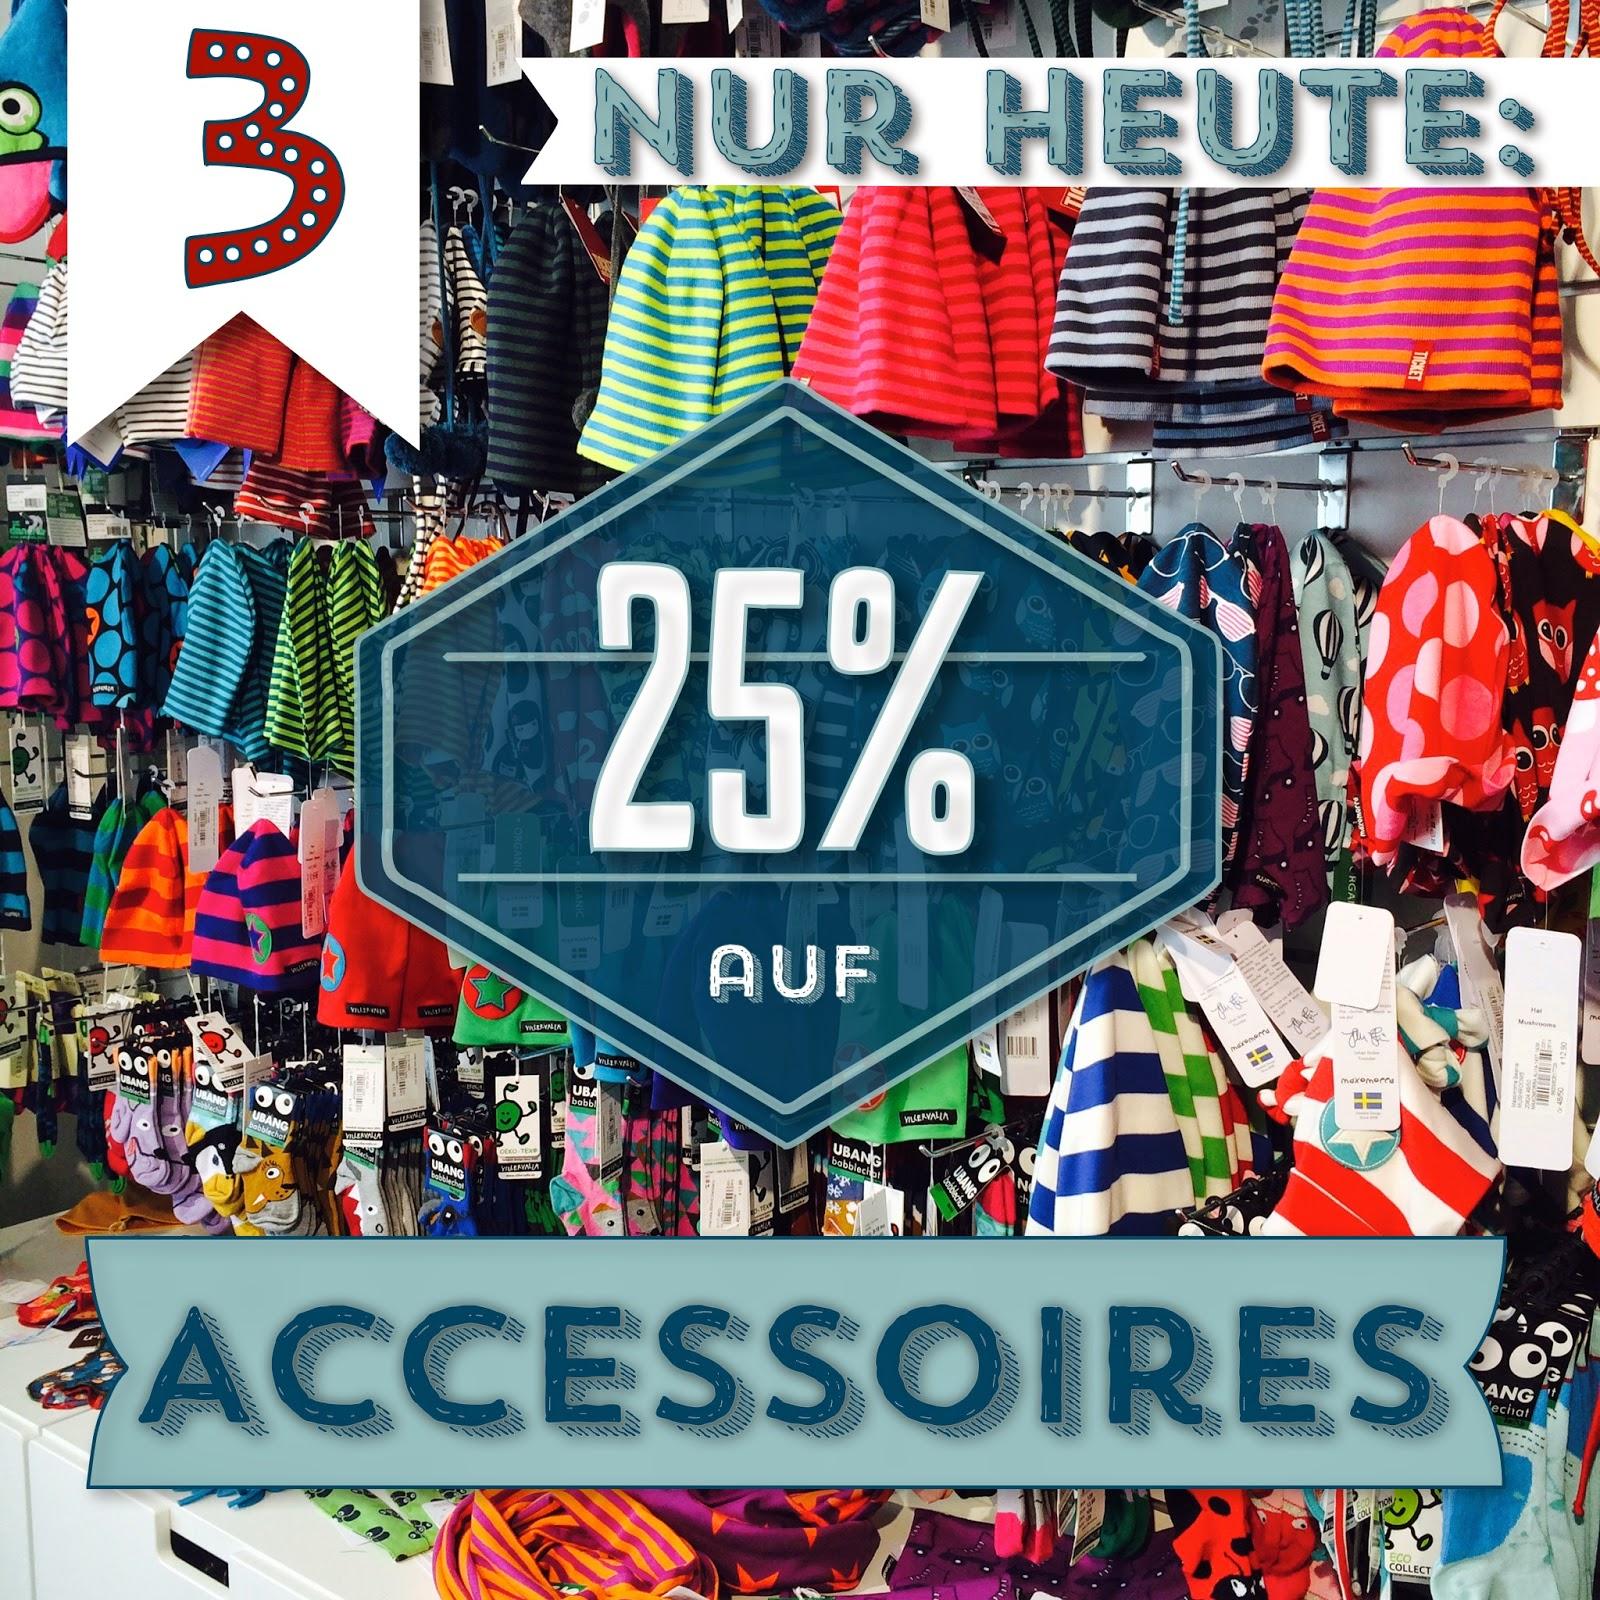 Türchen N°3 im Adventsmirakel: 25% auf Accessoires! 2